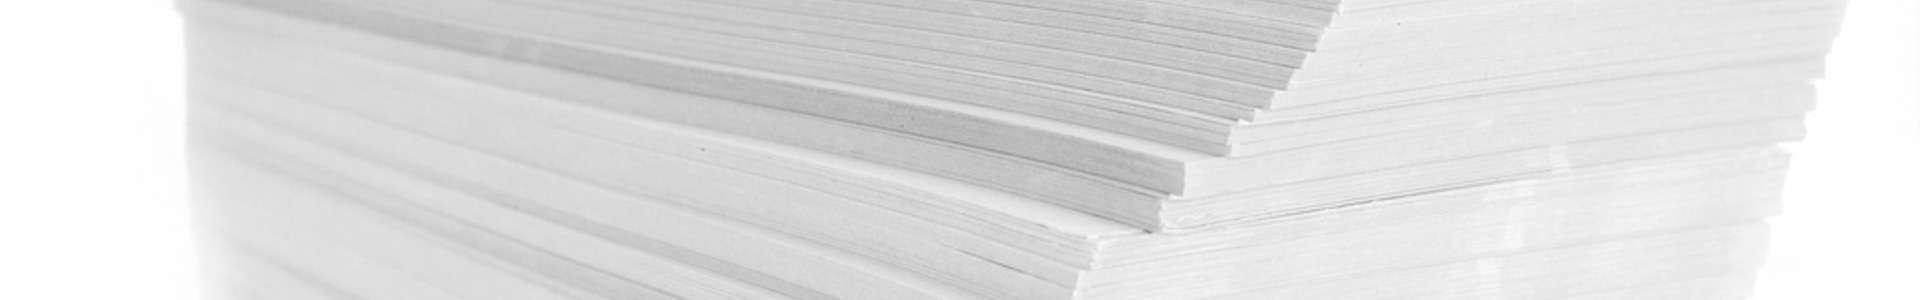 paper_slide